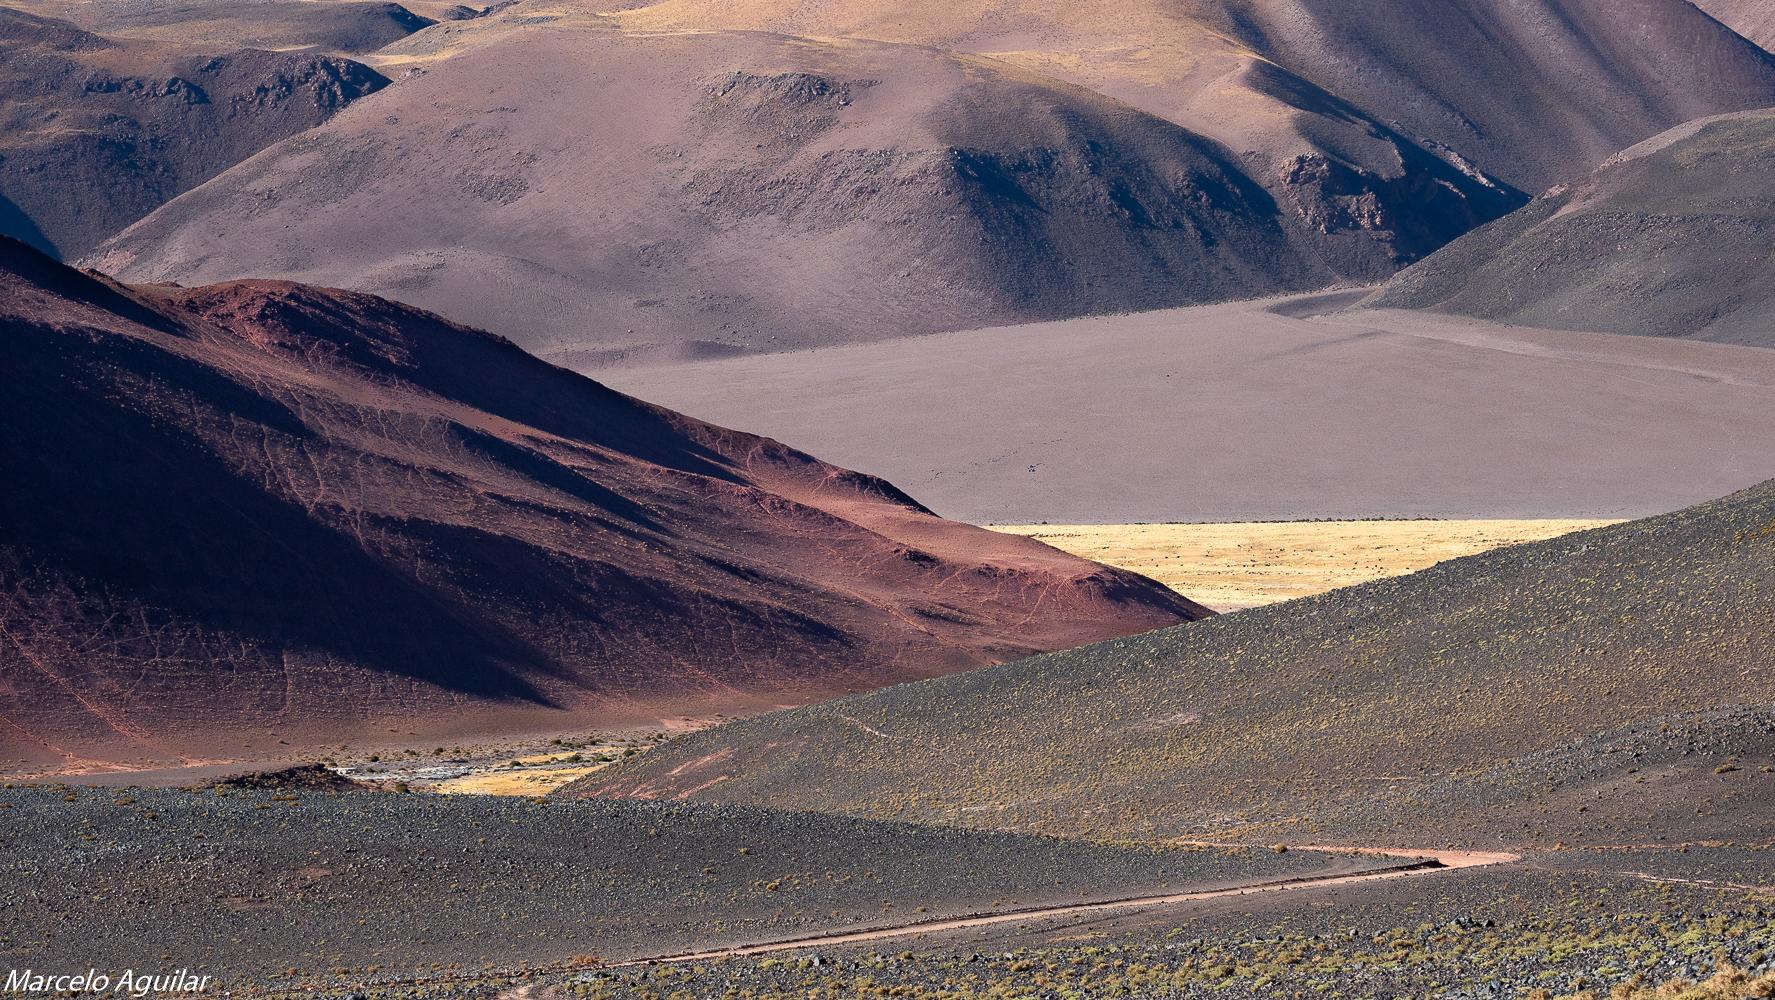 Vega colorada, Argentina